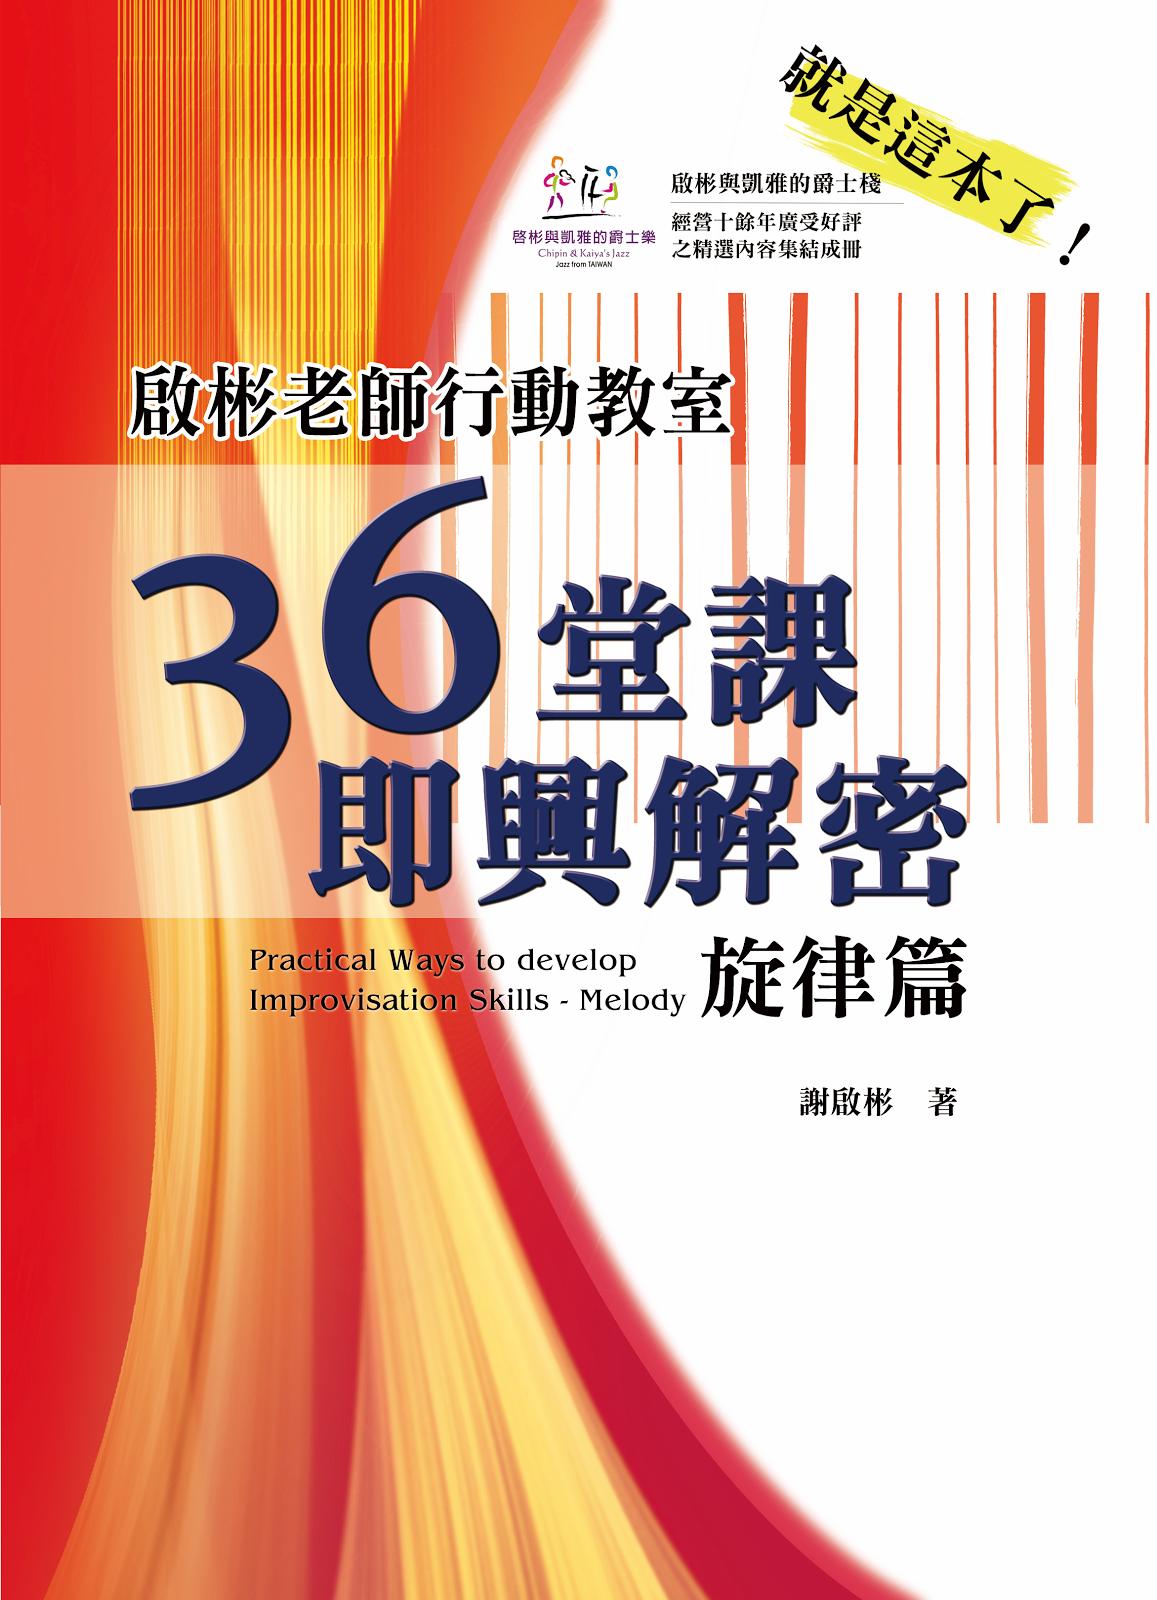 學習即興最需要的一本好書 就是這本了!